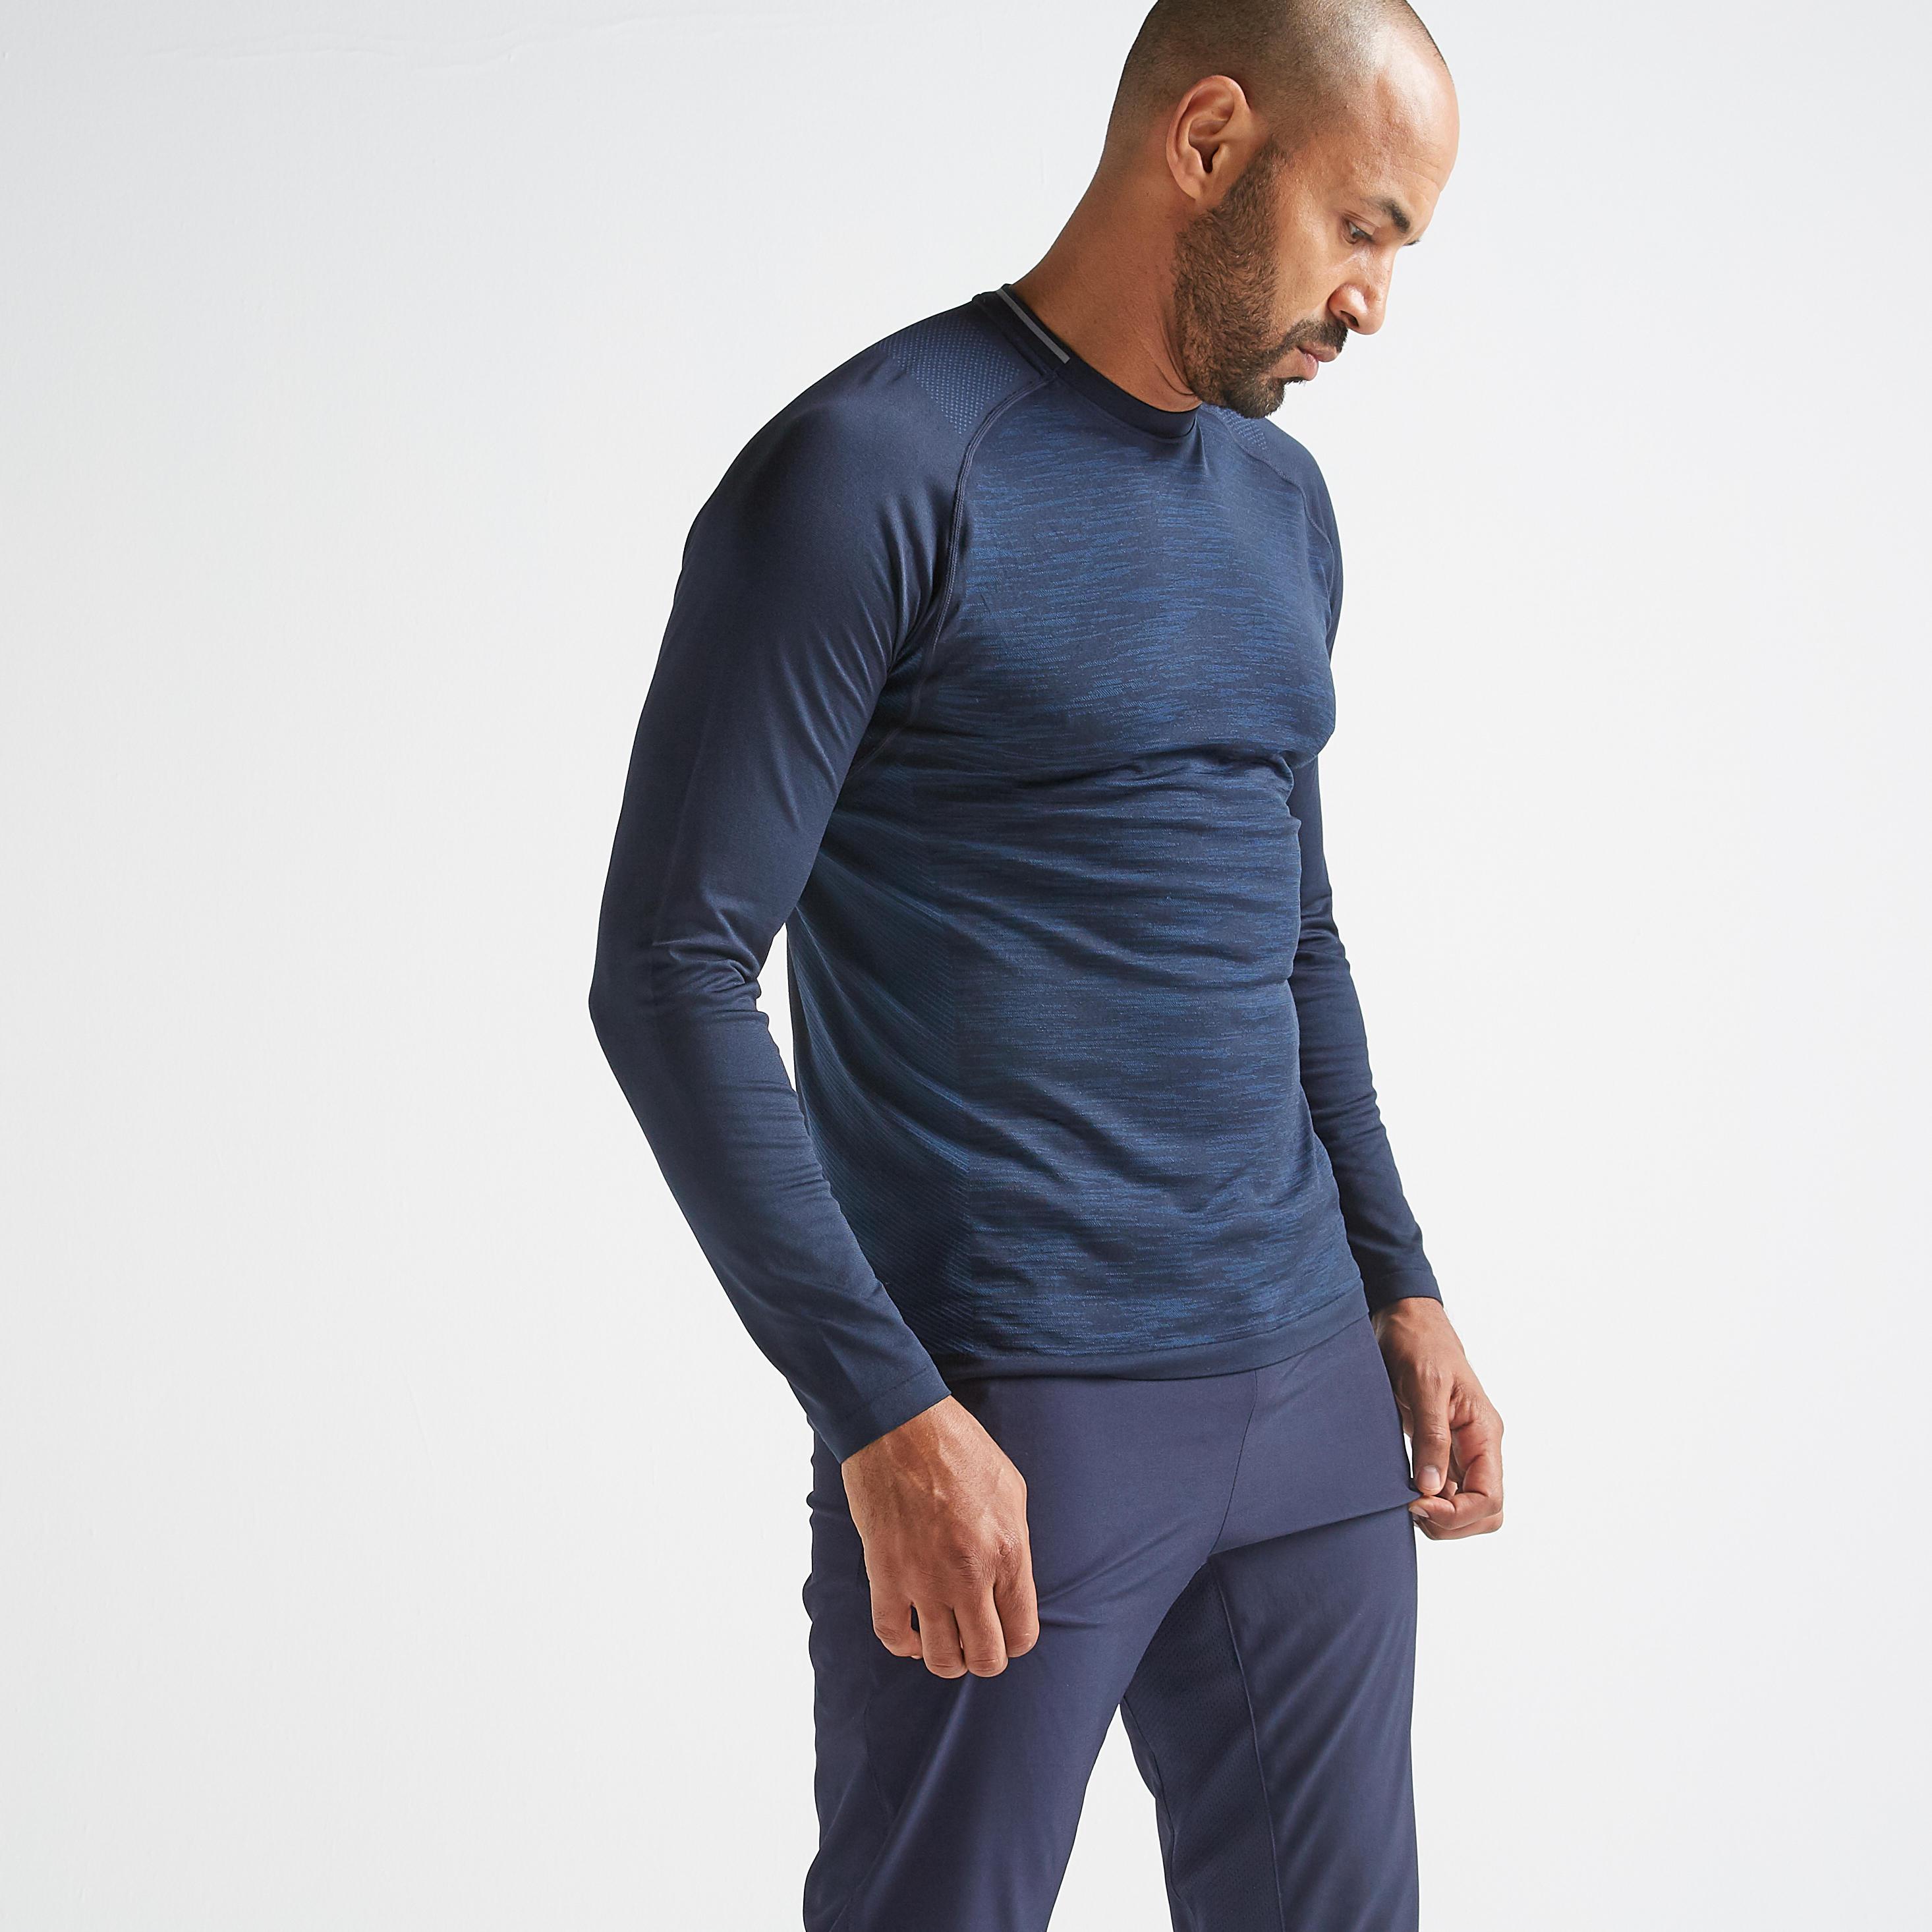 Bluză Fitness Cardio bărbați